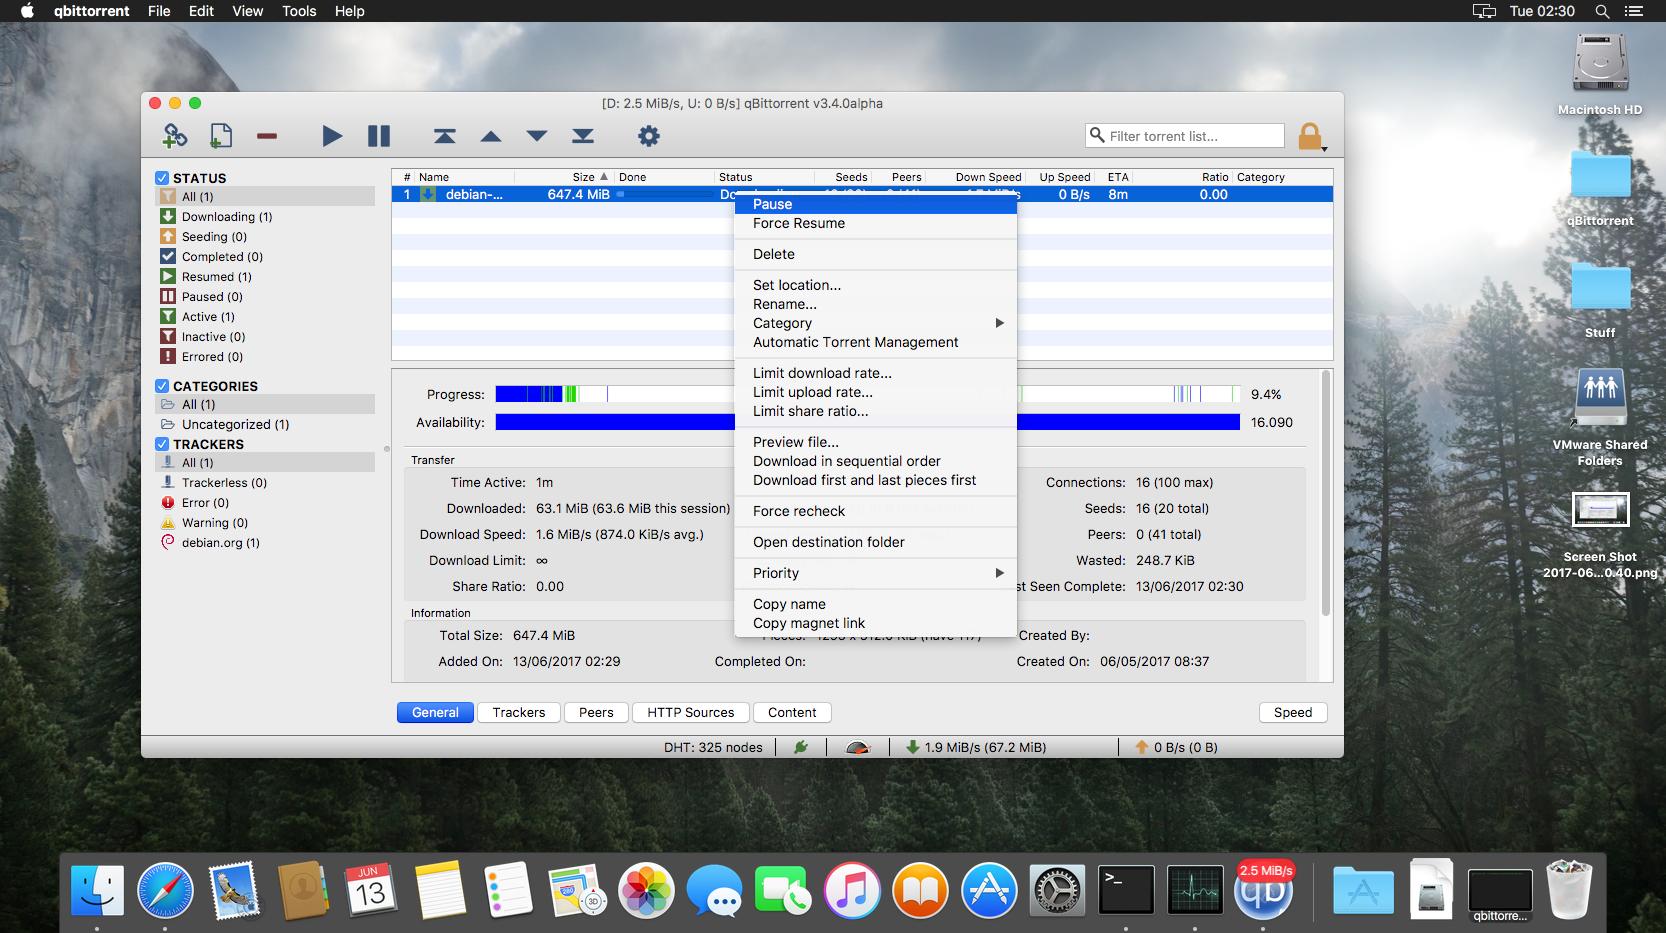 qBittorrent icons on macOS · Issue #6957 · qbittorrent